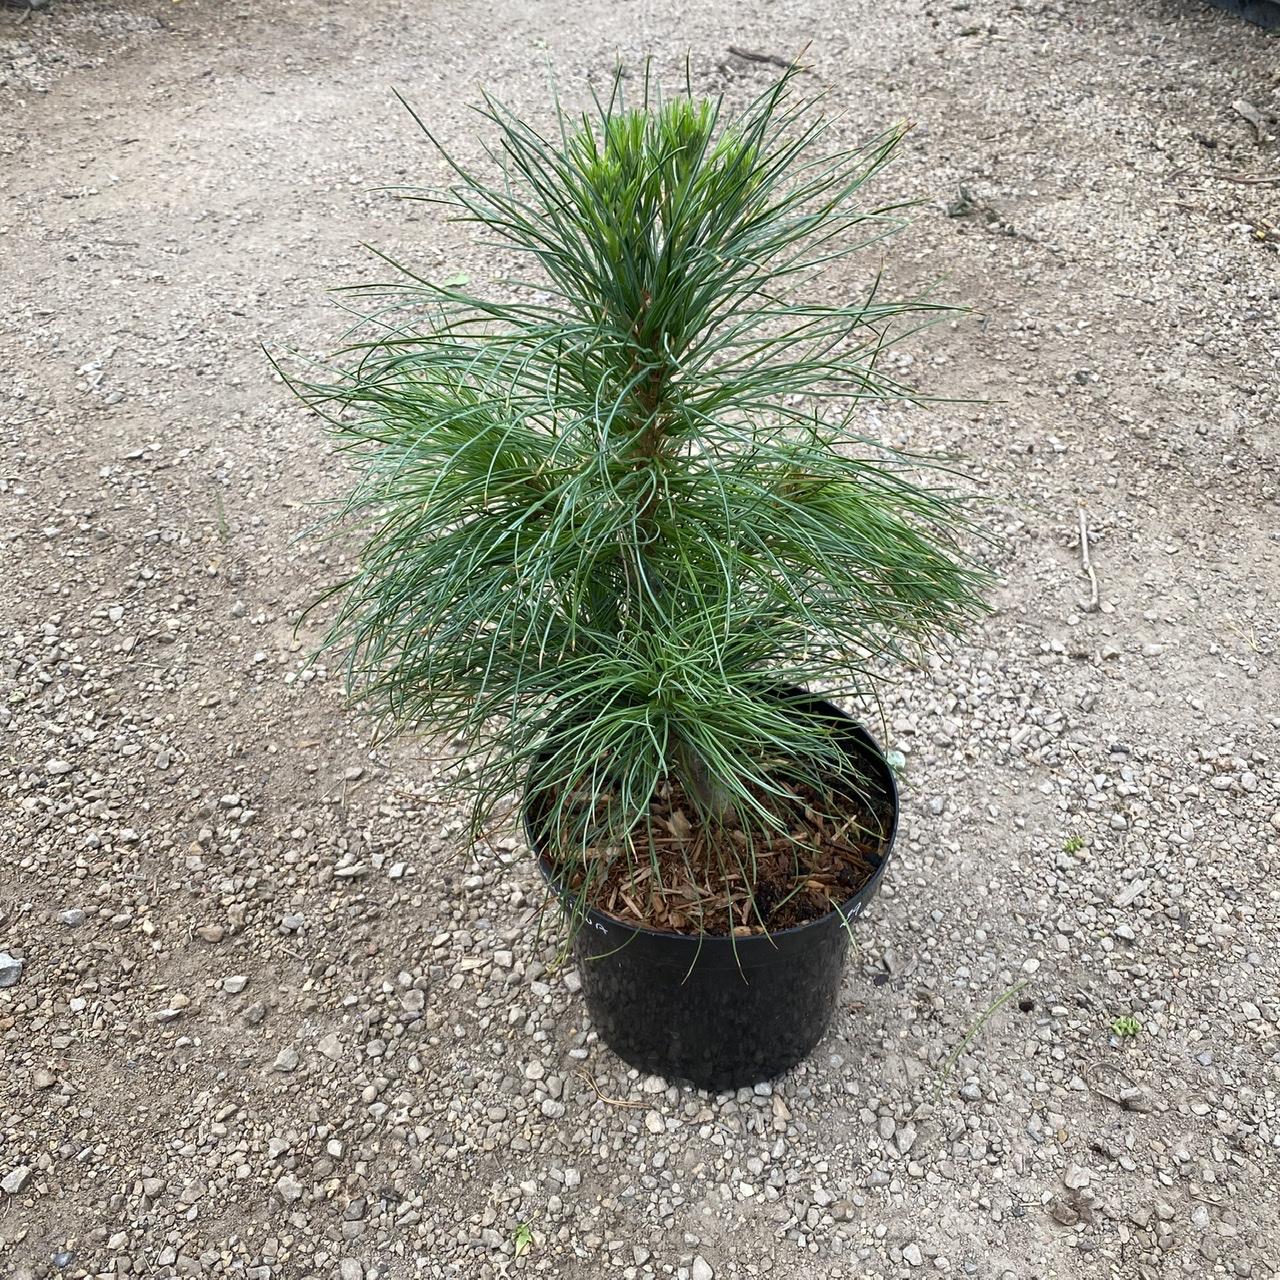 Pinus wallichiana (Bhutan Pine)